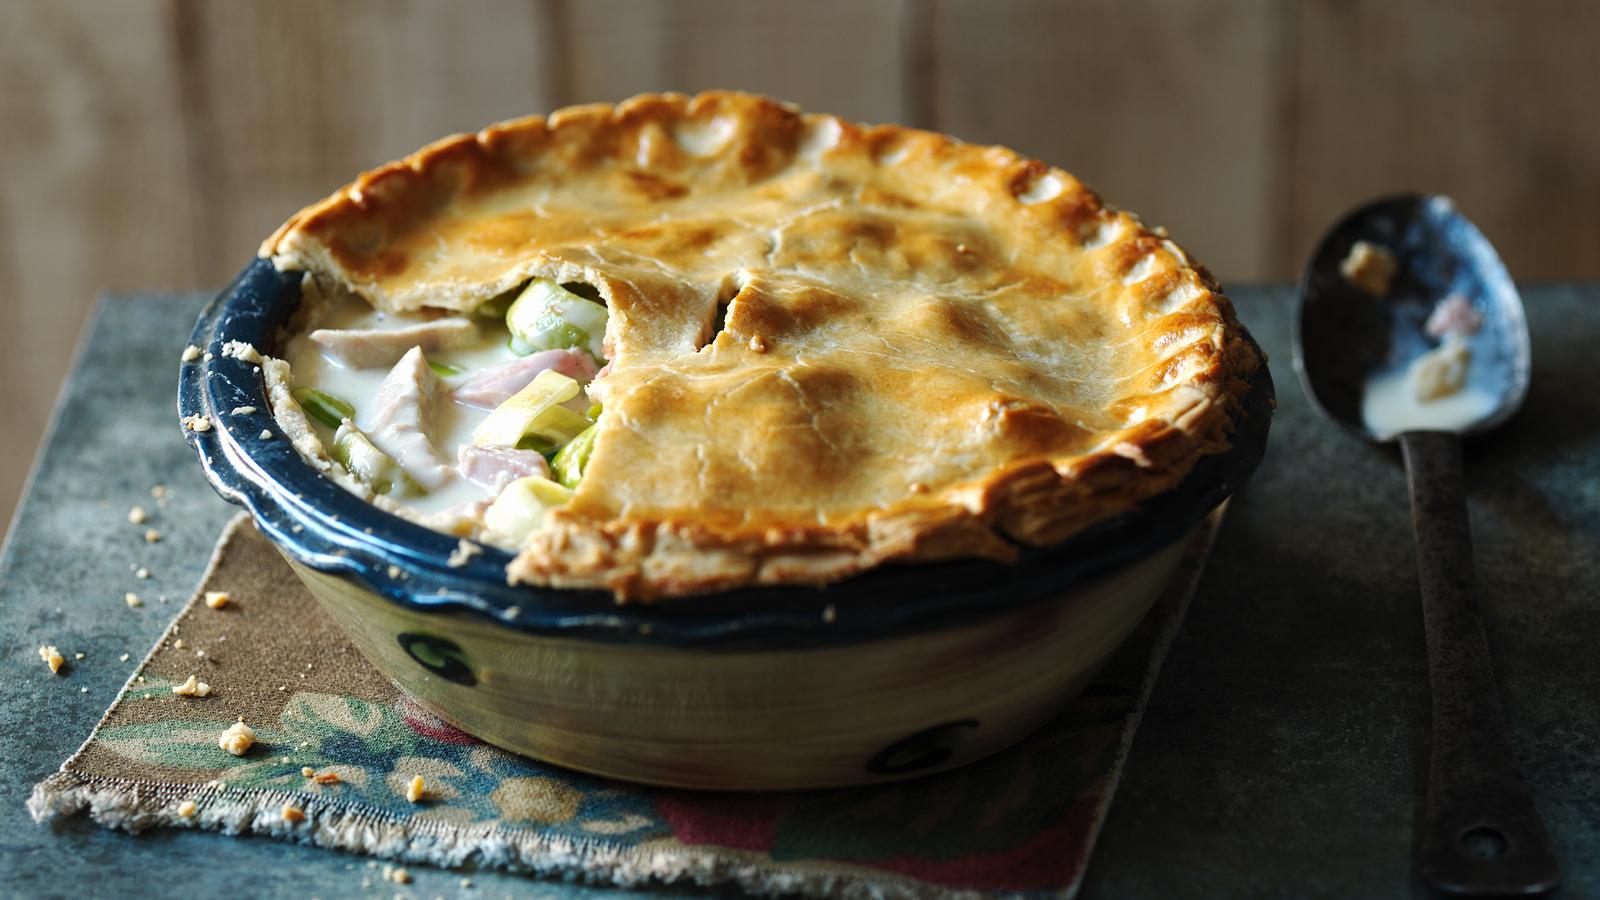 Creamy chicken ham and leek pie recipe bbc food forumfinder Choice Image